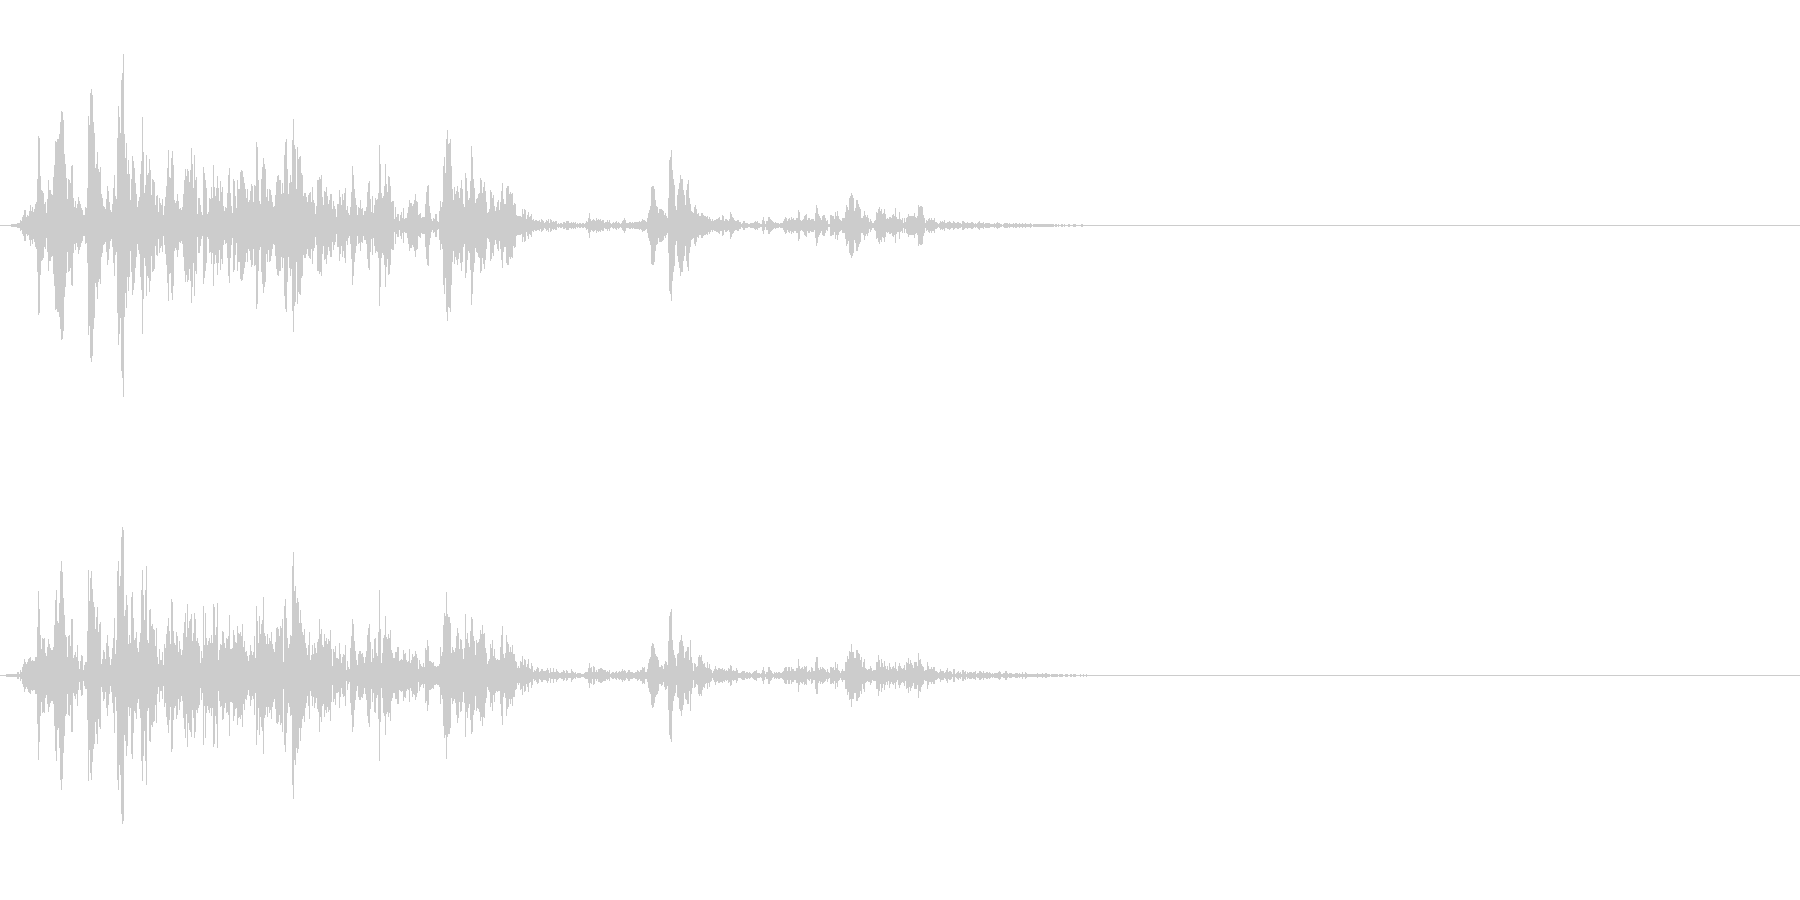 ゴボゴボ☆排水溝の音 その1の未再生の波形